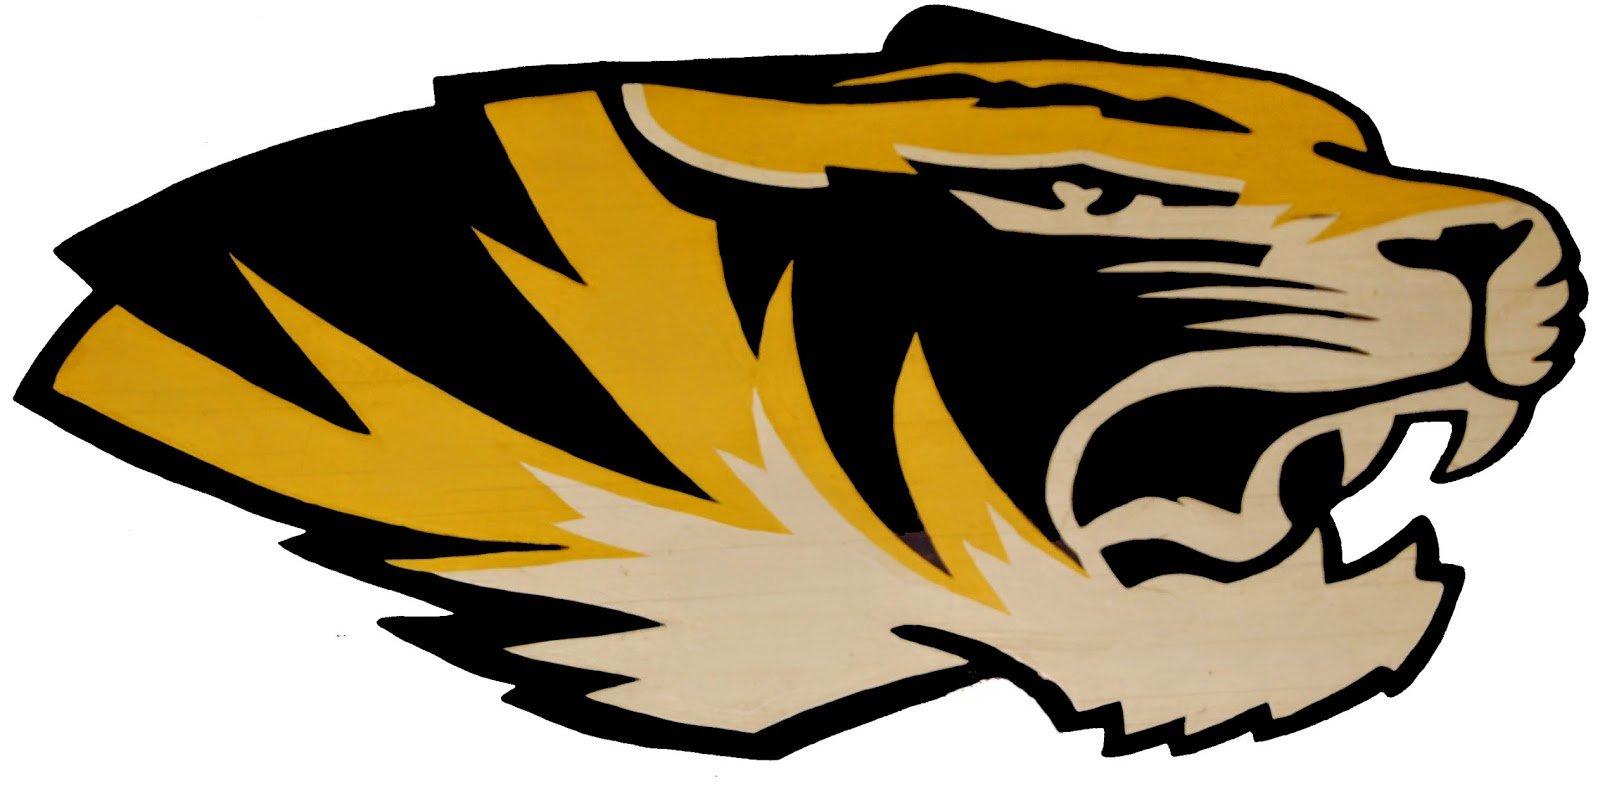 Download Latest Mizzou Football Tiger Logos 1600x789